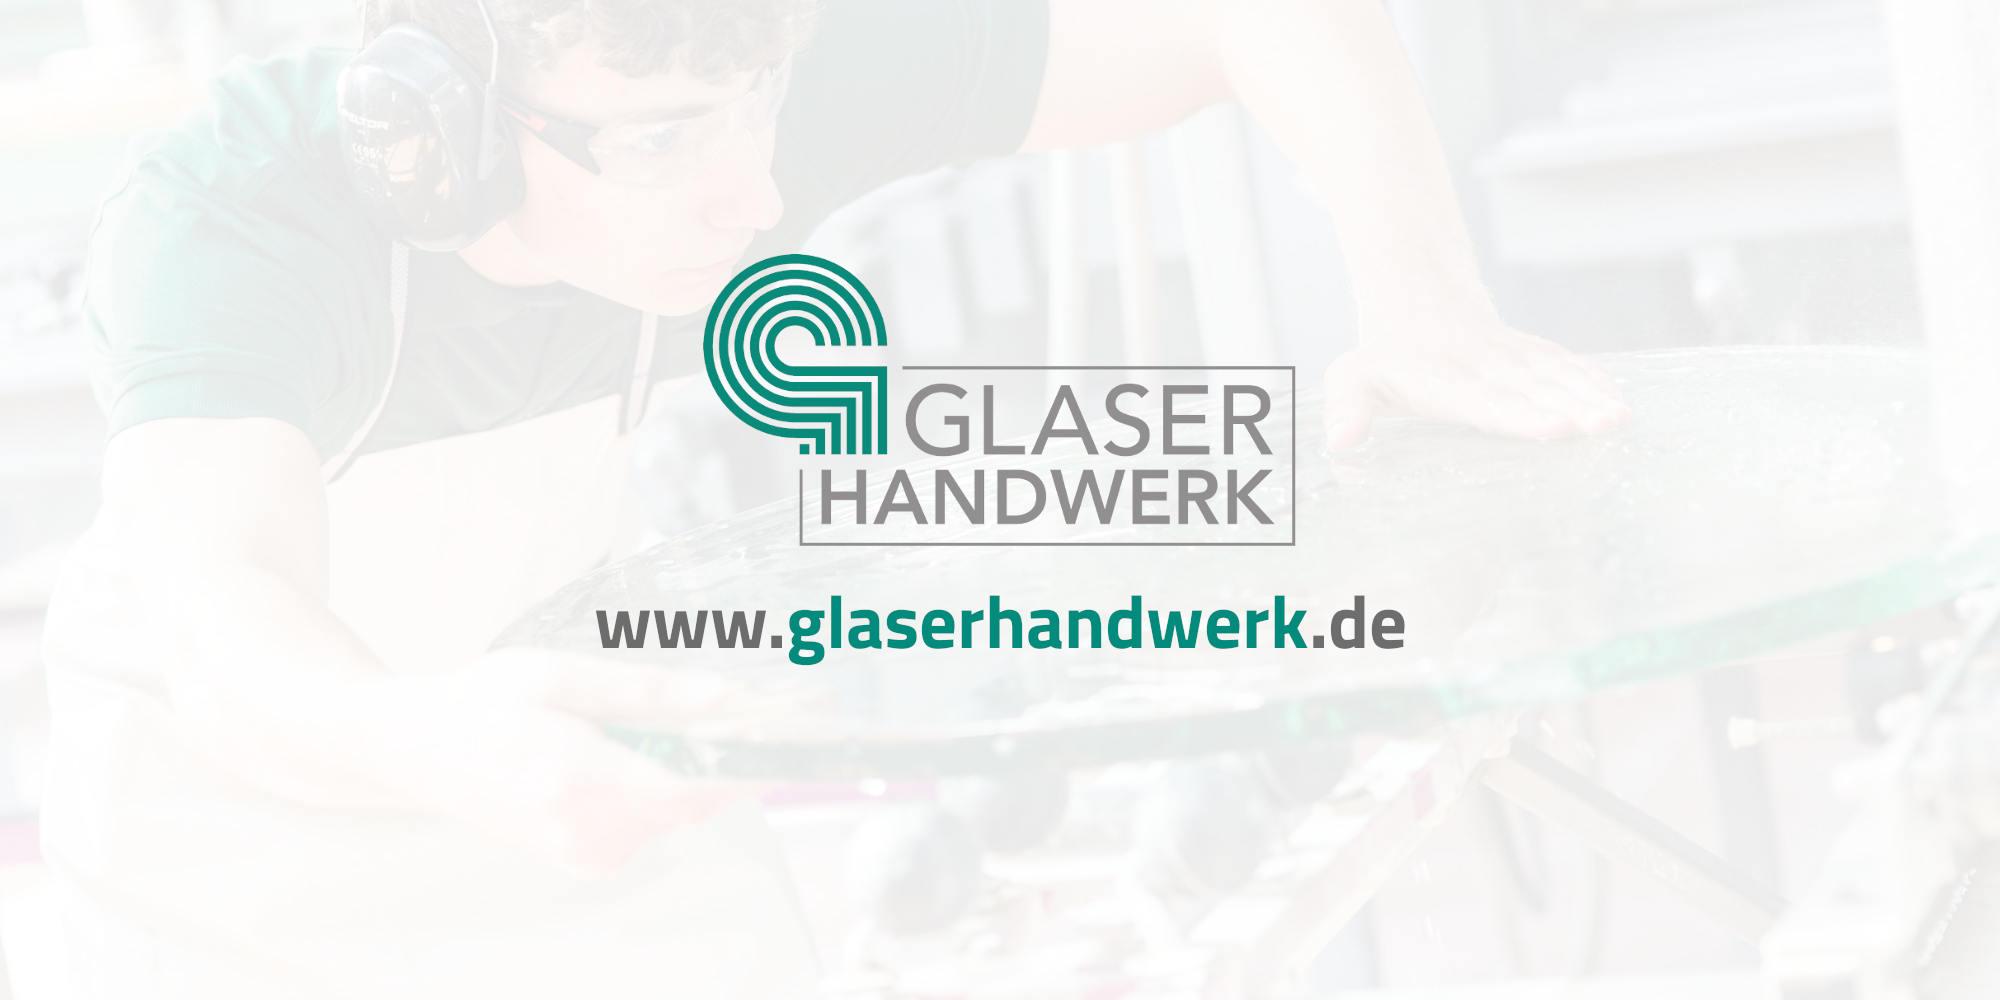 OpenGraph: Twitter • BIV Bundesinnungsverband des Glaserhandwerks